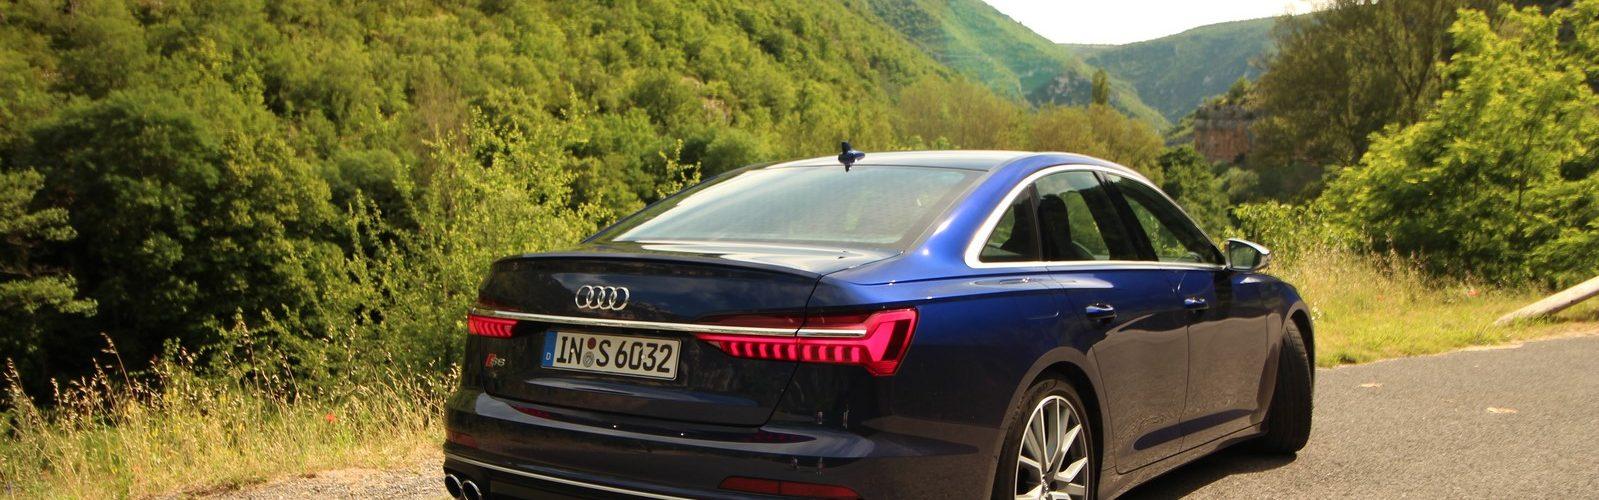 Essai nouvelle Audi S6 Le Nouvel Automobiliste 2019